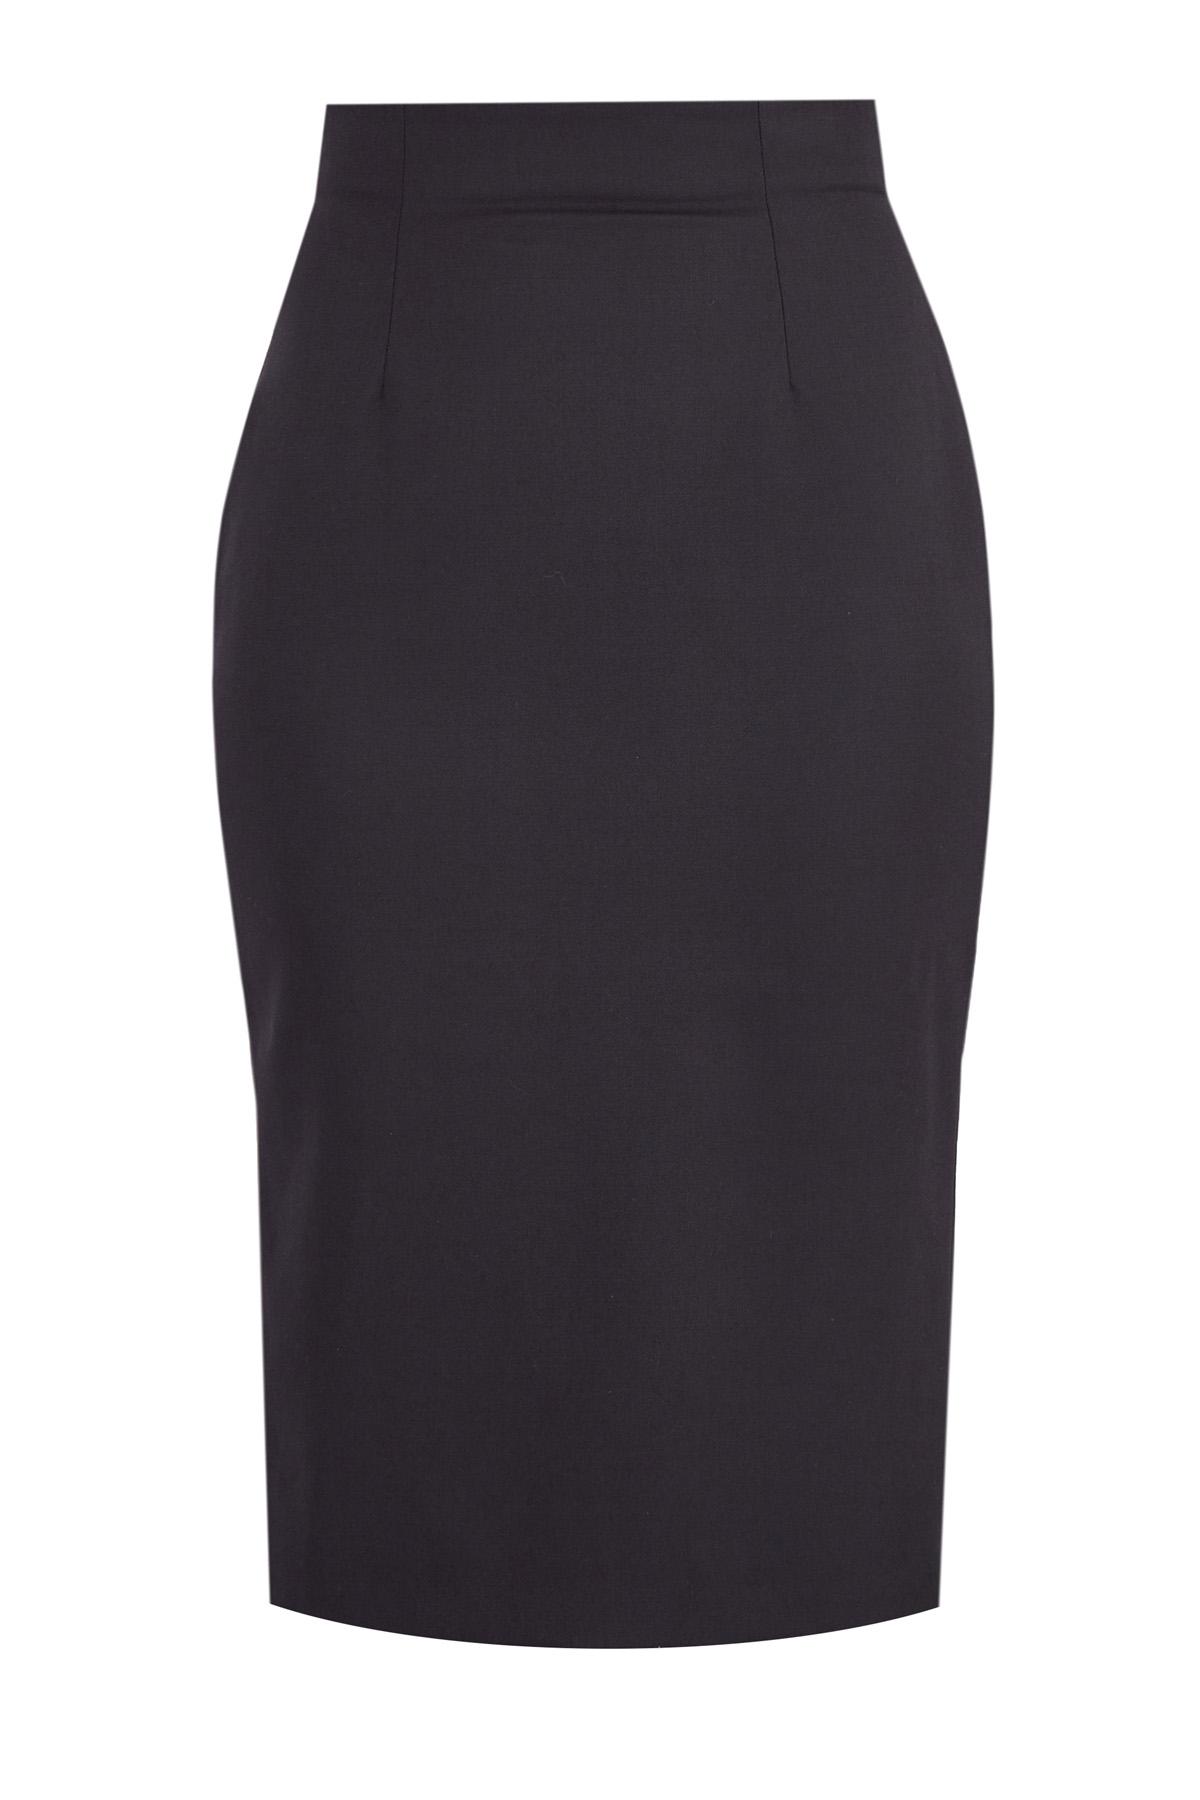 Купить со скидкой Классическая шерстяная юбка-карандаш на высокой талии